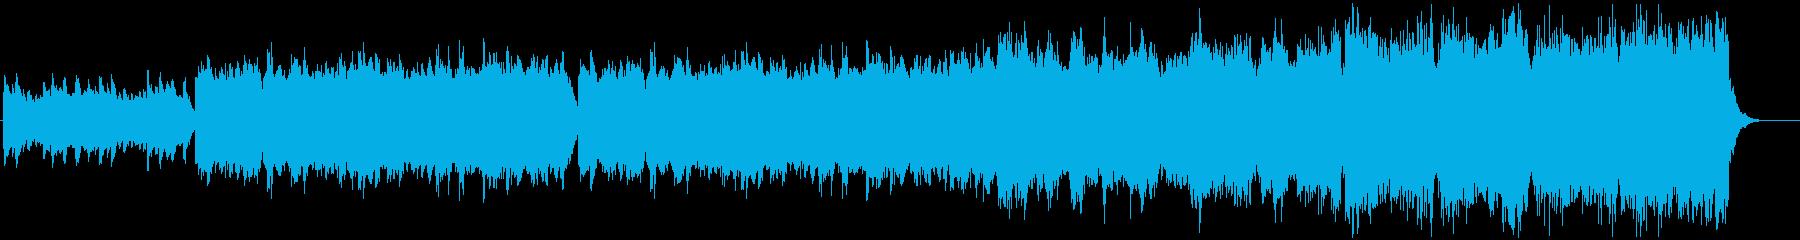 幻想的かつのどかな雰囲気のBGMの再生済みの波形